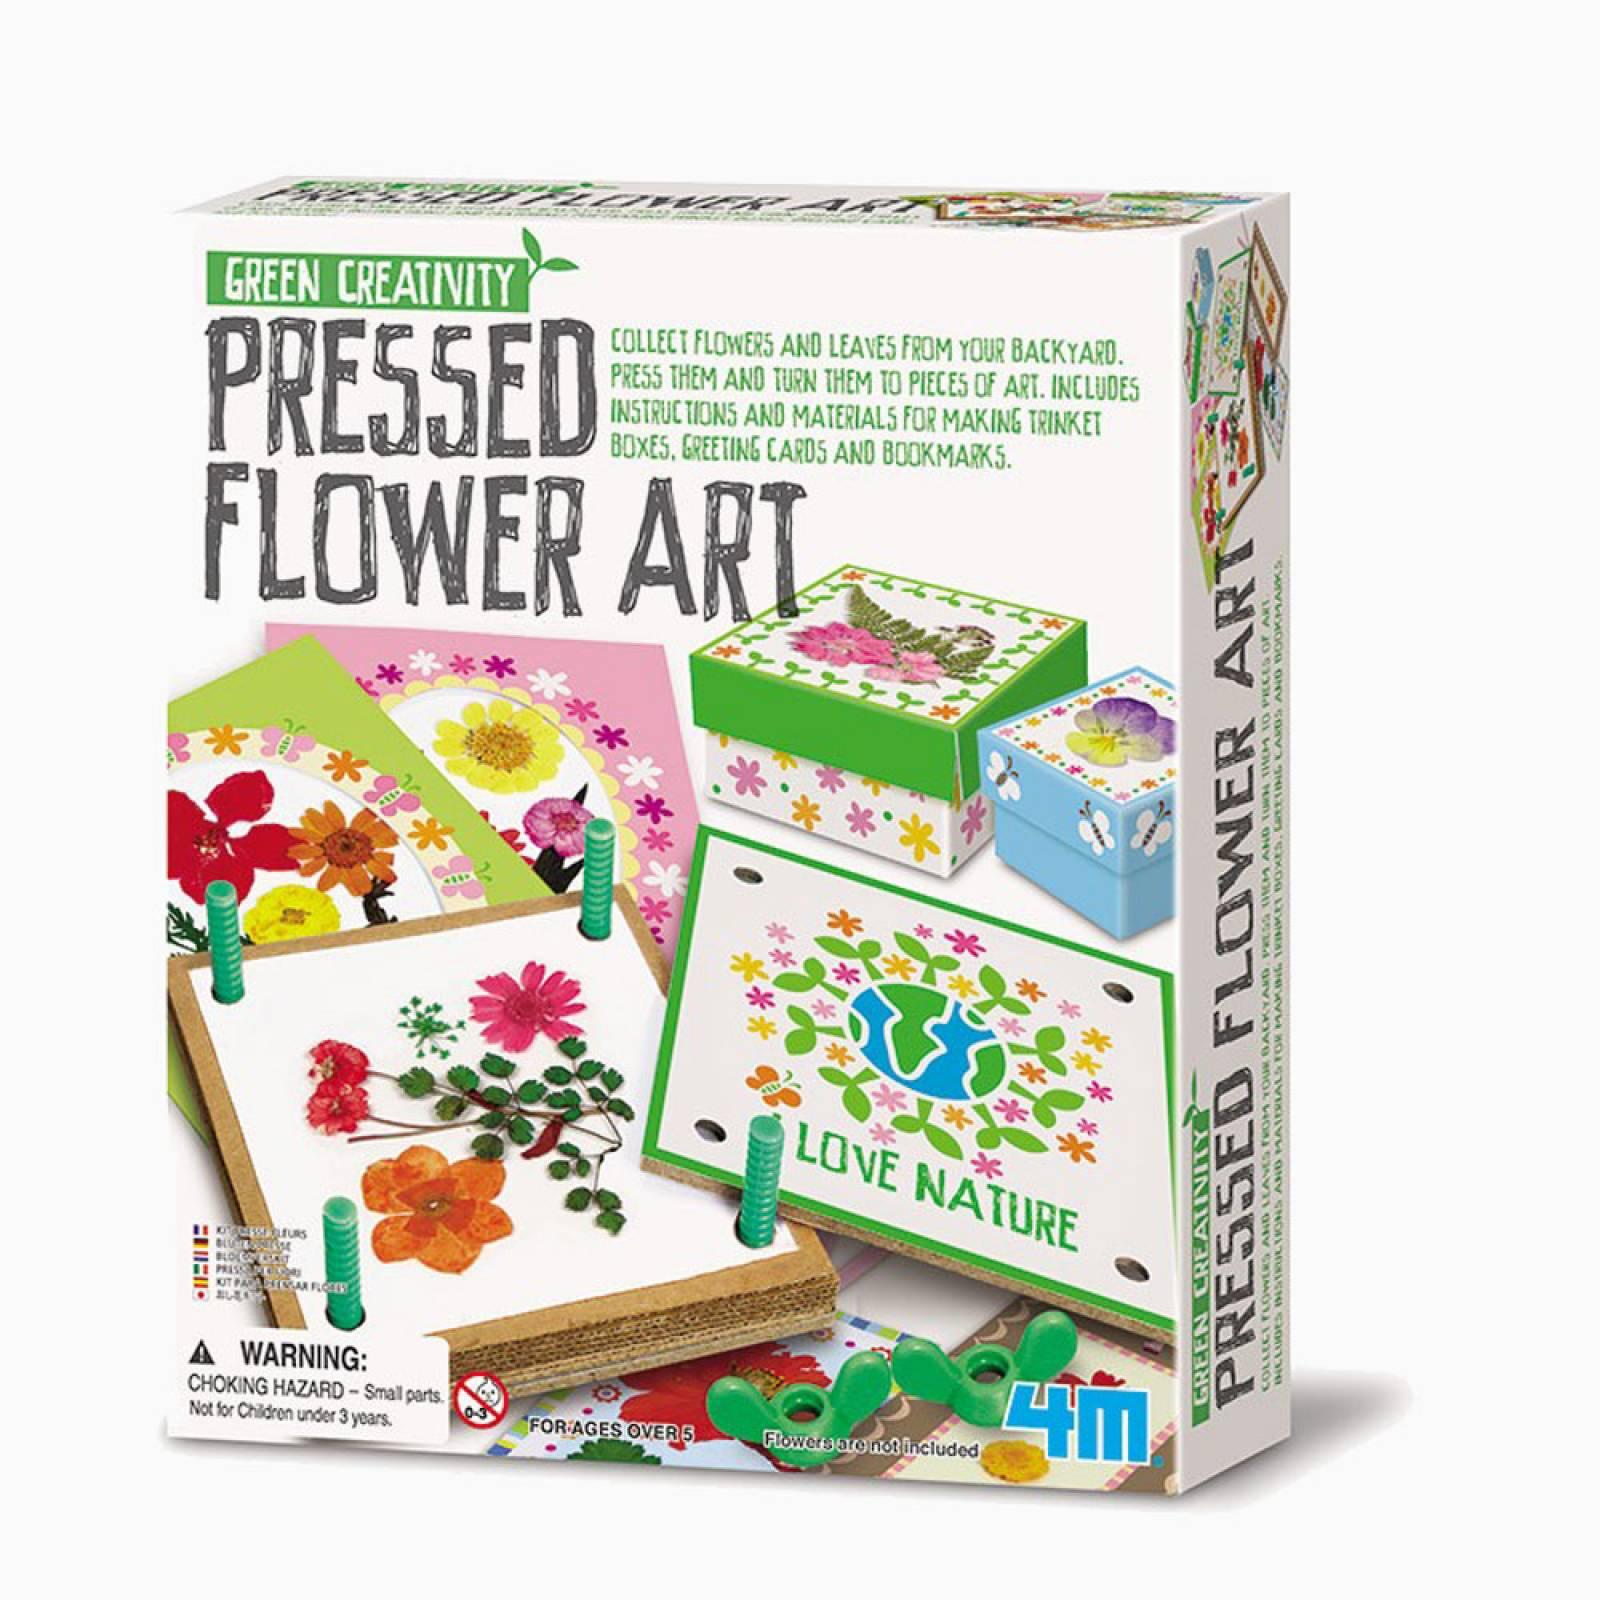 Pressed Flower Art - Art Kit 5+